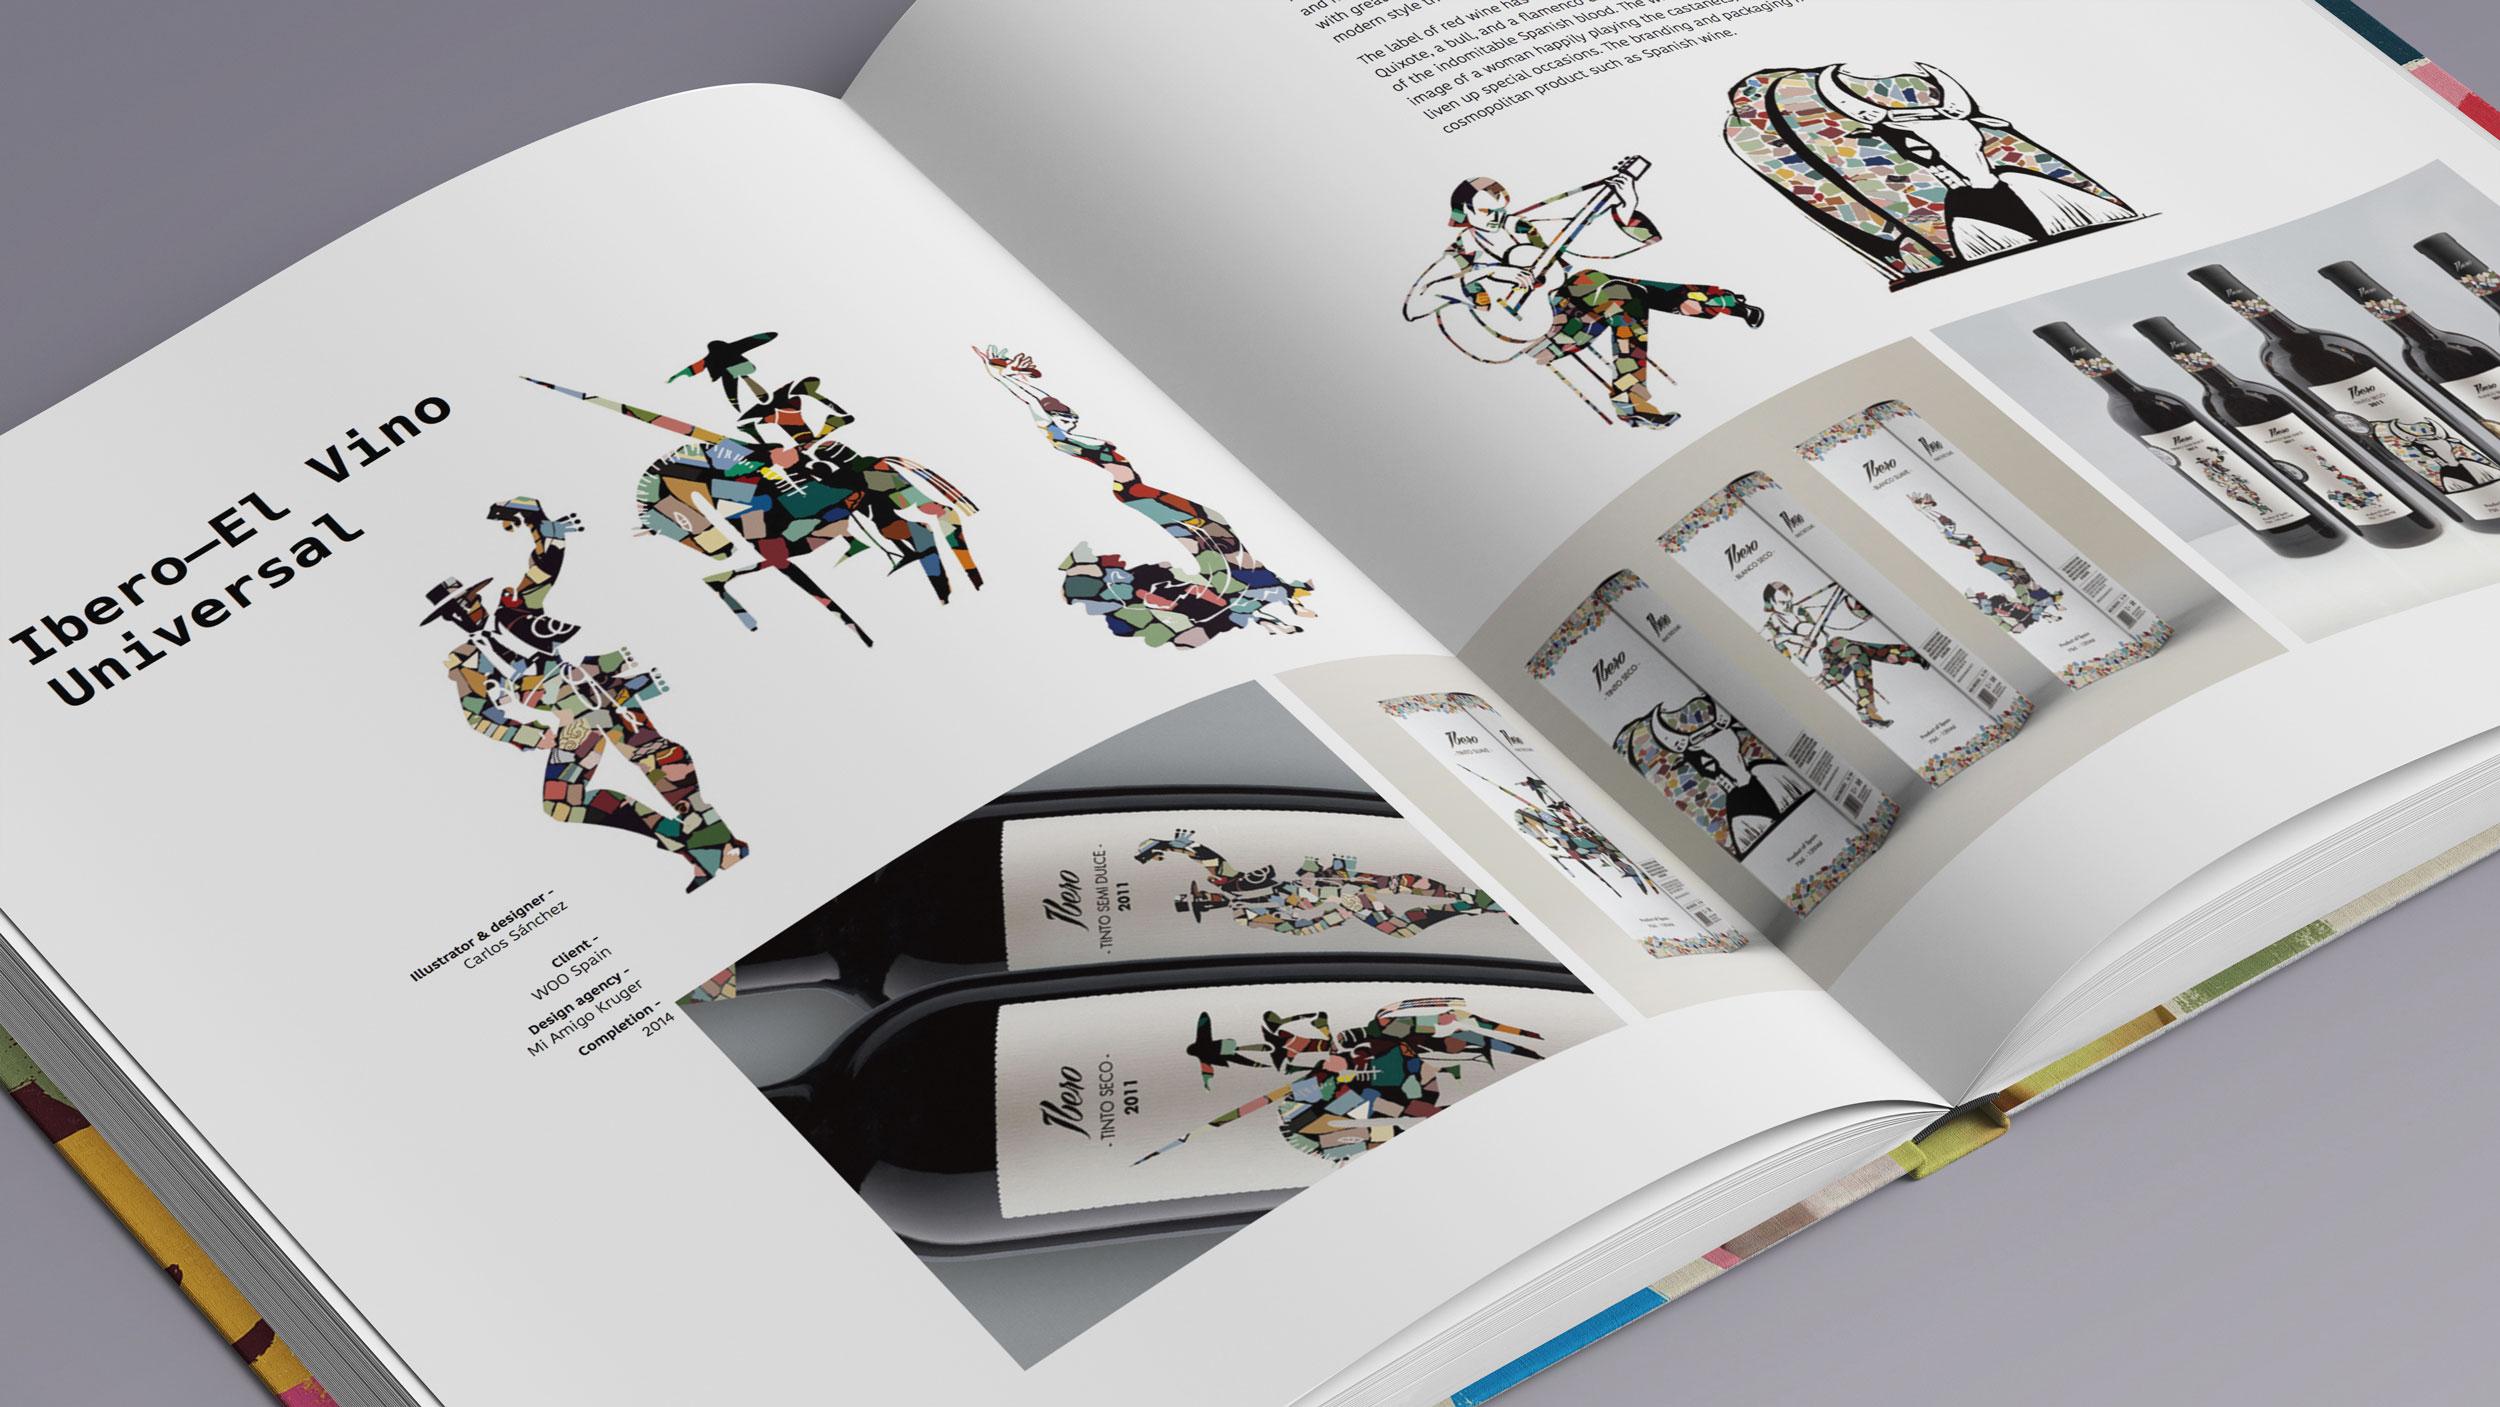 Relishing-Marketing--Illustrations-of-Food-&-Drink-Packaging-mi-amigo-kruger